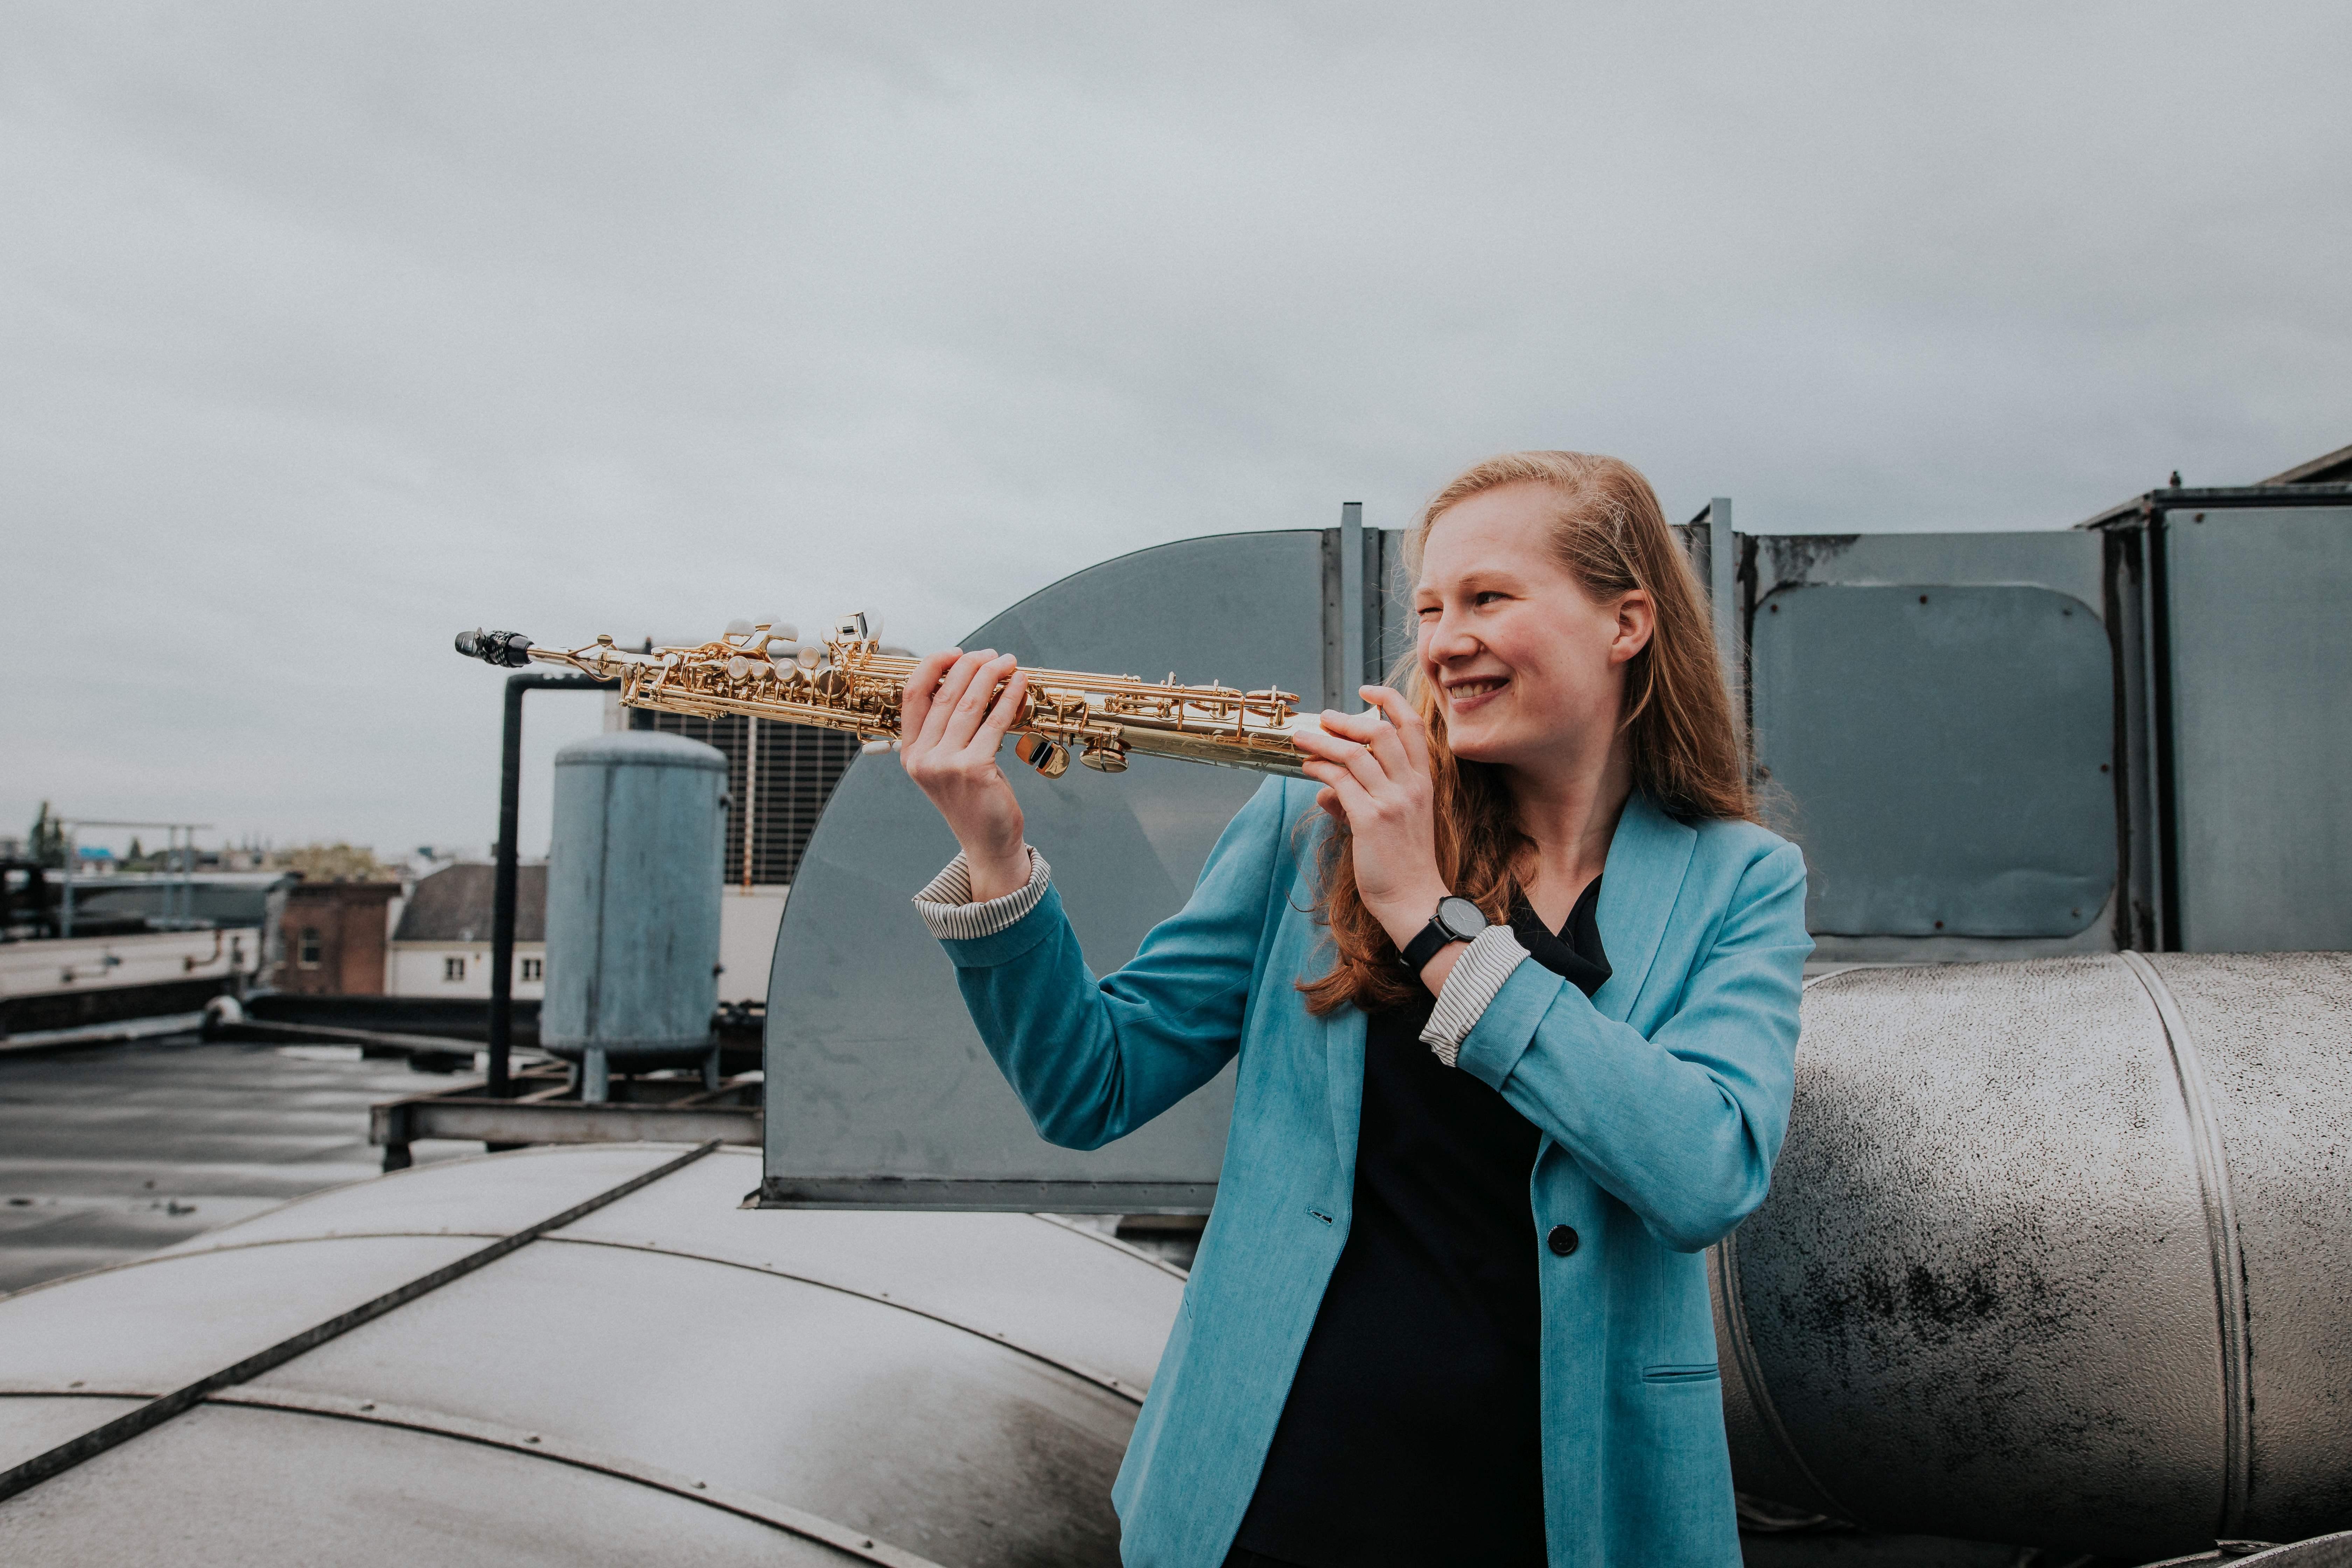 Prijs van Kunst aan de Dijk voor saxofoniste Deborah Witteveen: 'Bij het spelen komen de emoties bij mij tien keer zo hard binnen'